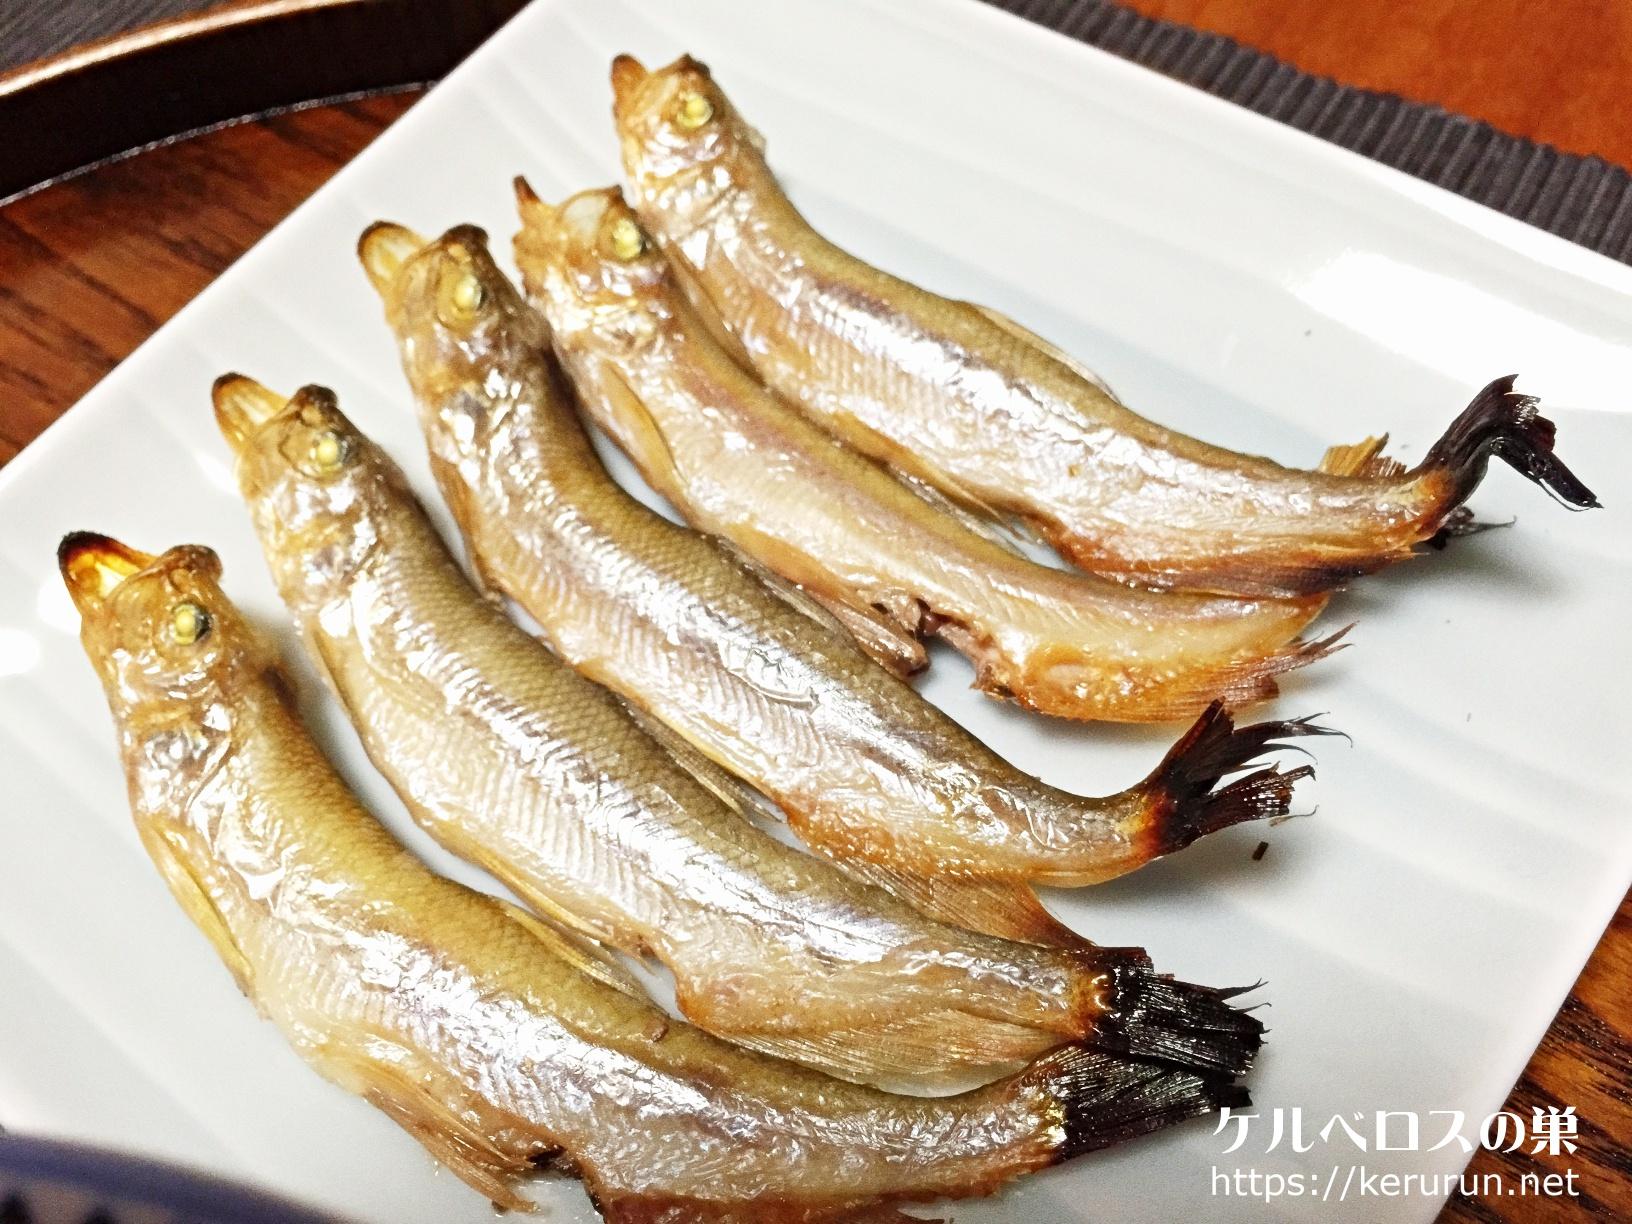 【一汁一菜】北海道産本ししゃも&豚汁